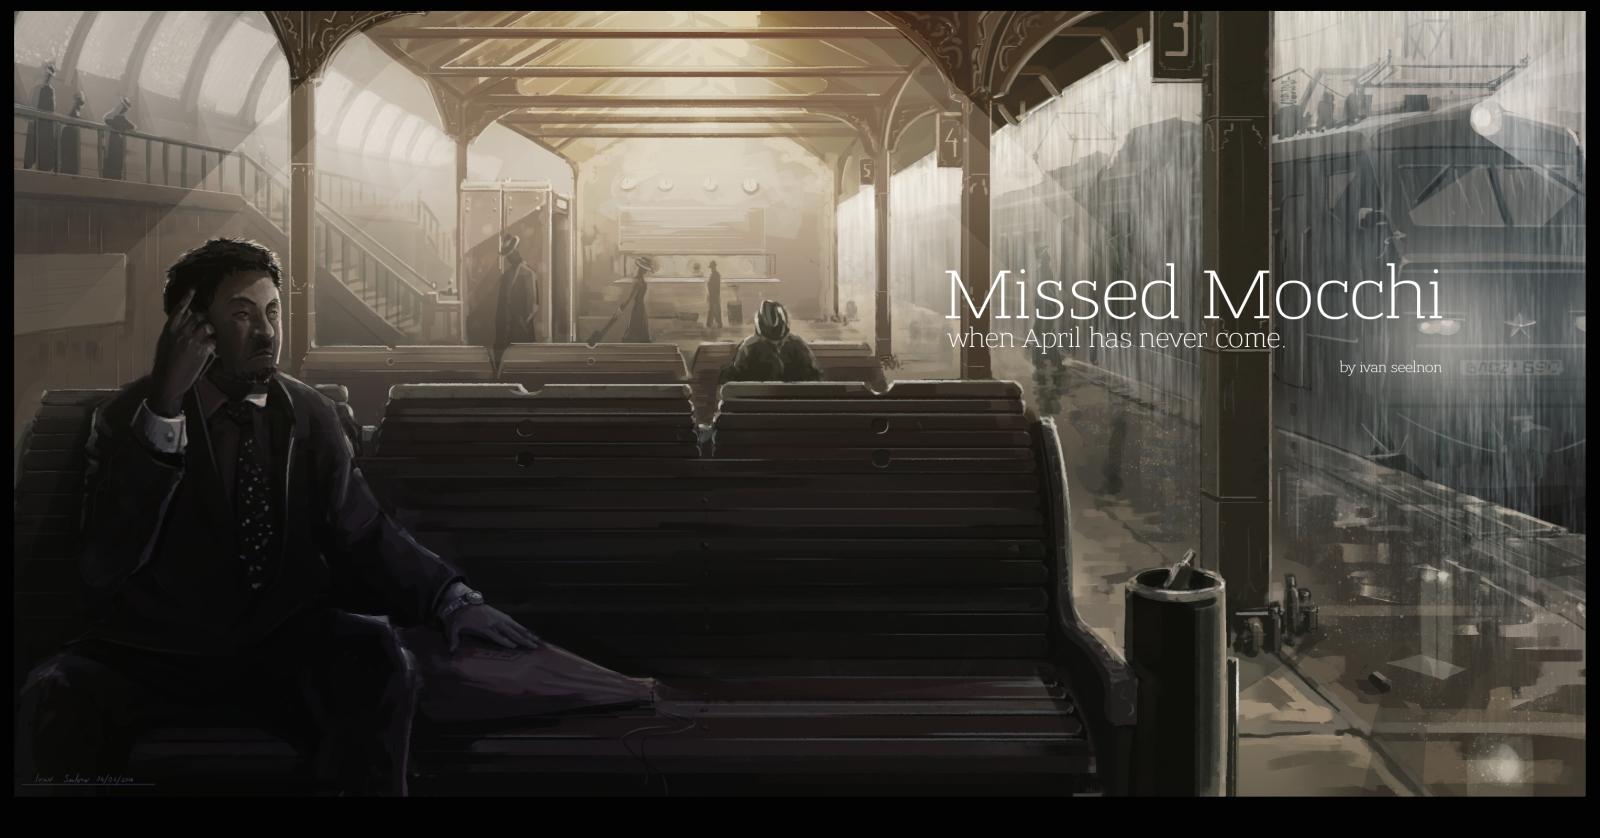 Missed Mocchi train banner